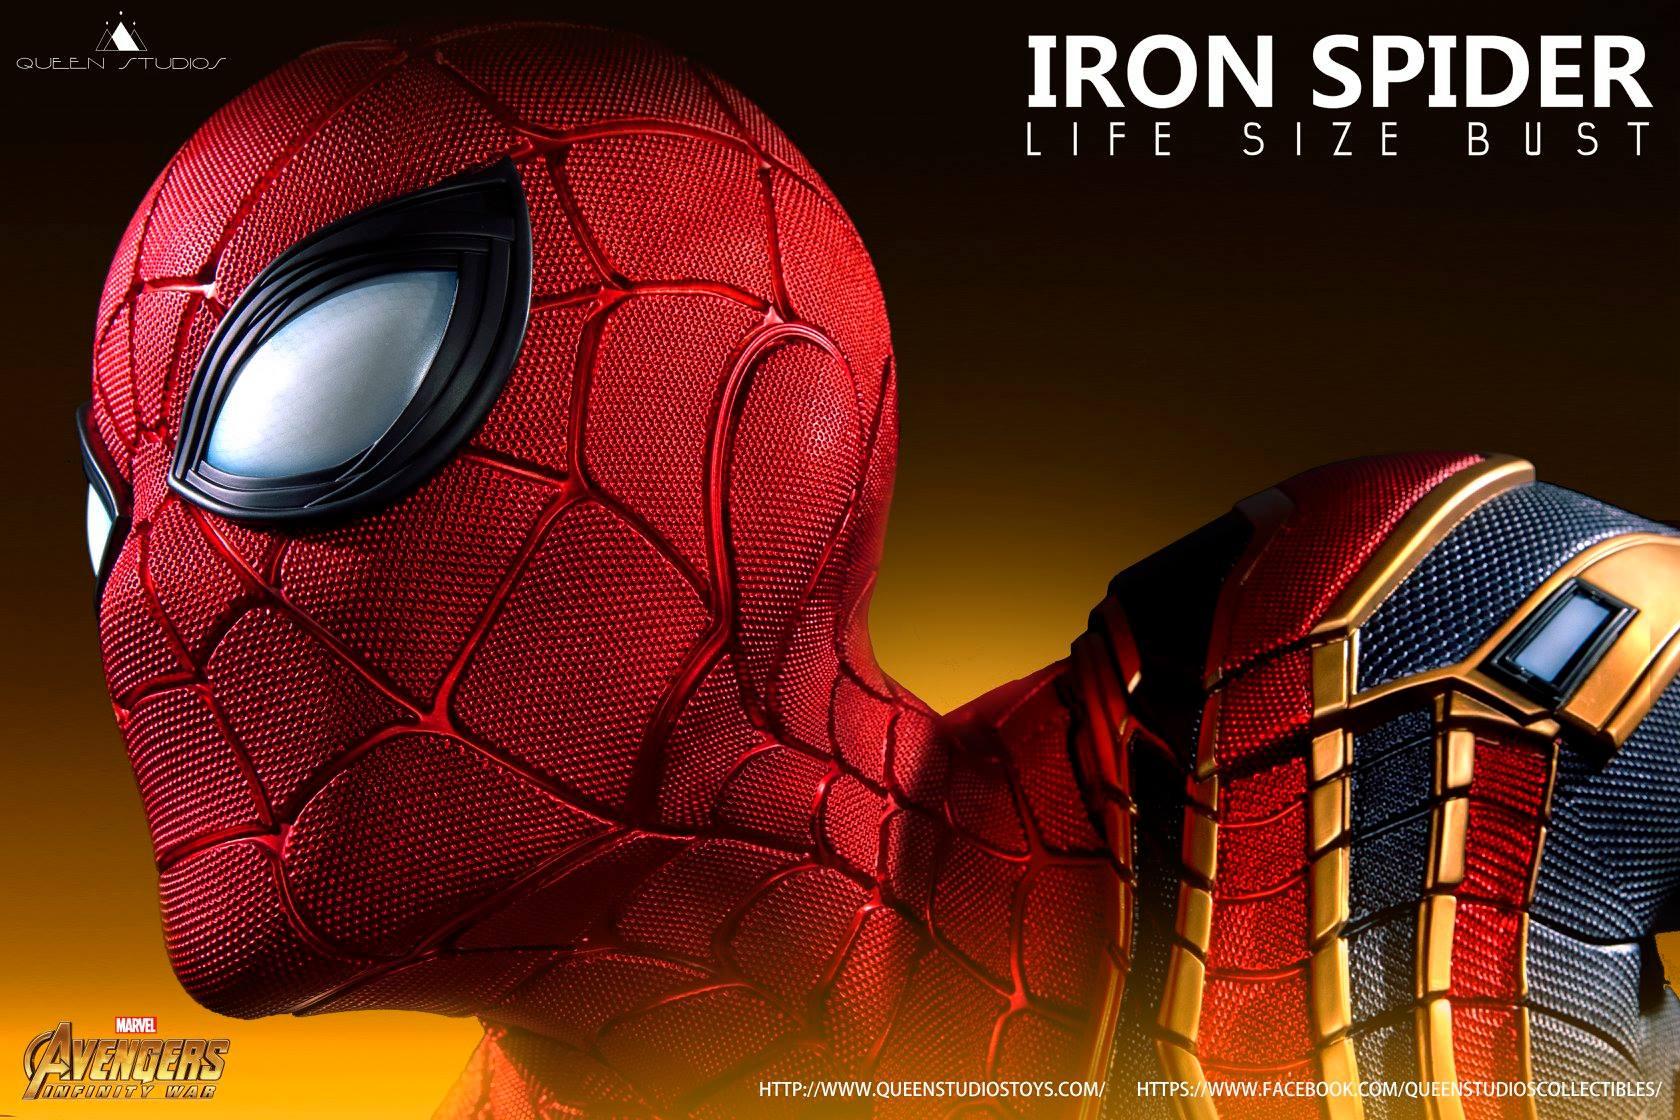 Il busto di Iron Spider della Queen Studios in mostra per la prima volta in Europa a Cartoomics 2019.